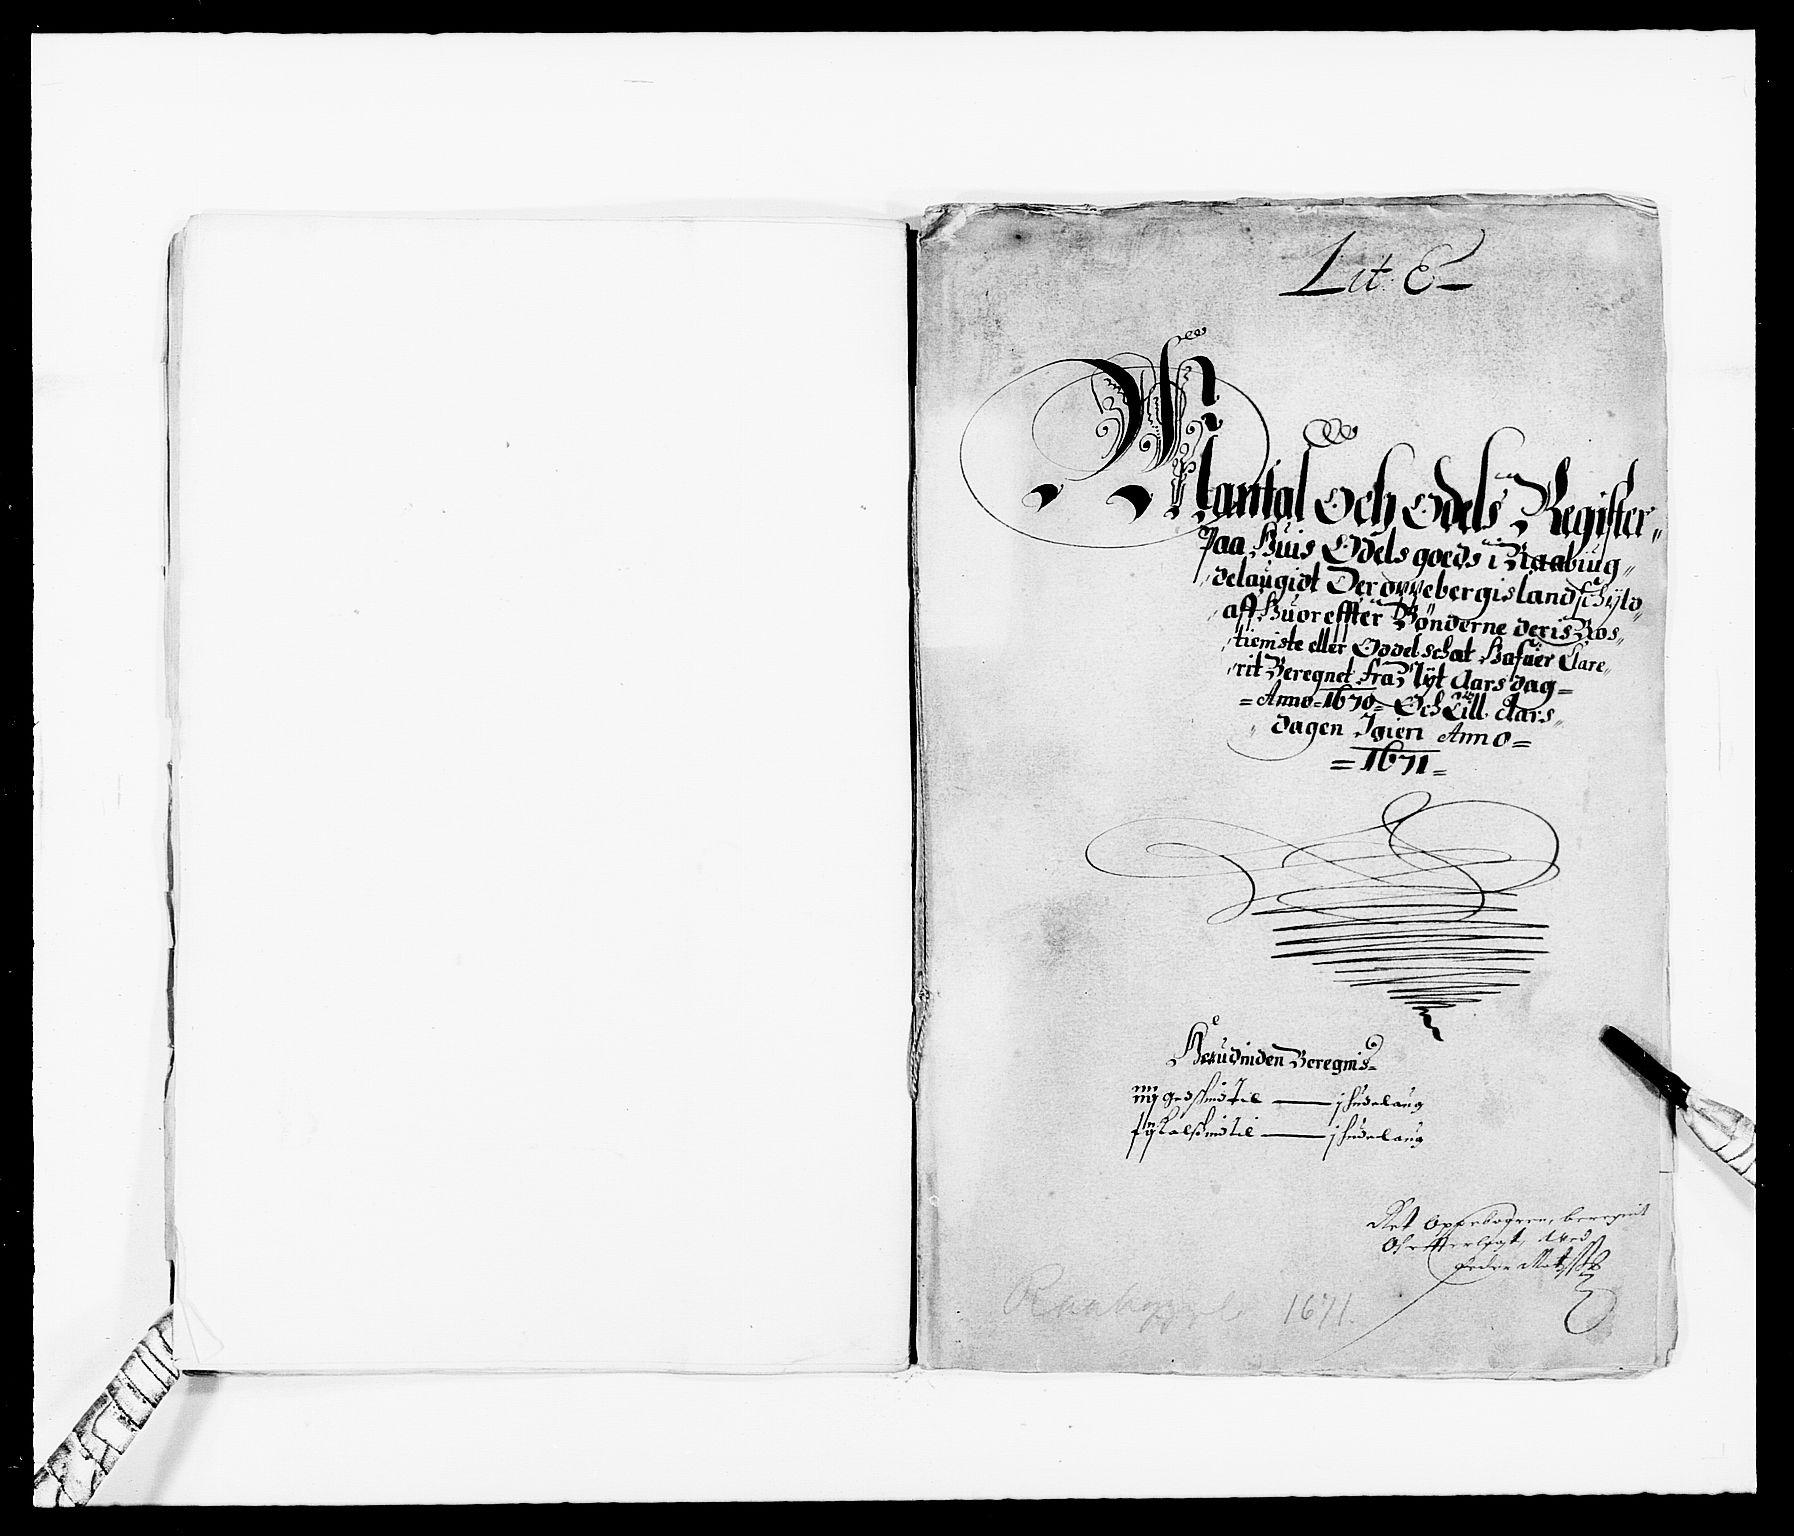 RA, Rentekammeret inntil 1814, Reviderte regnskaper, Fogderegnskap, R40/L2432: Fogderegnskap Råbyggelag, 1669-1670, s. 189